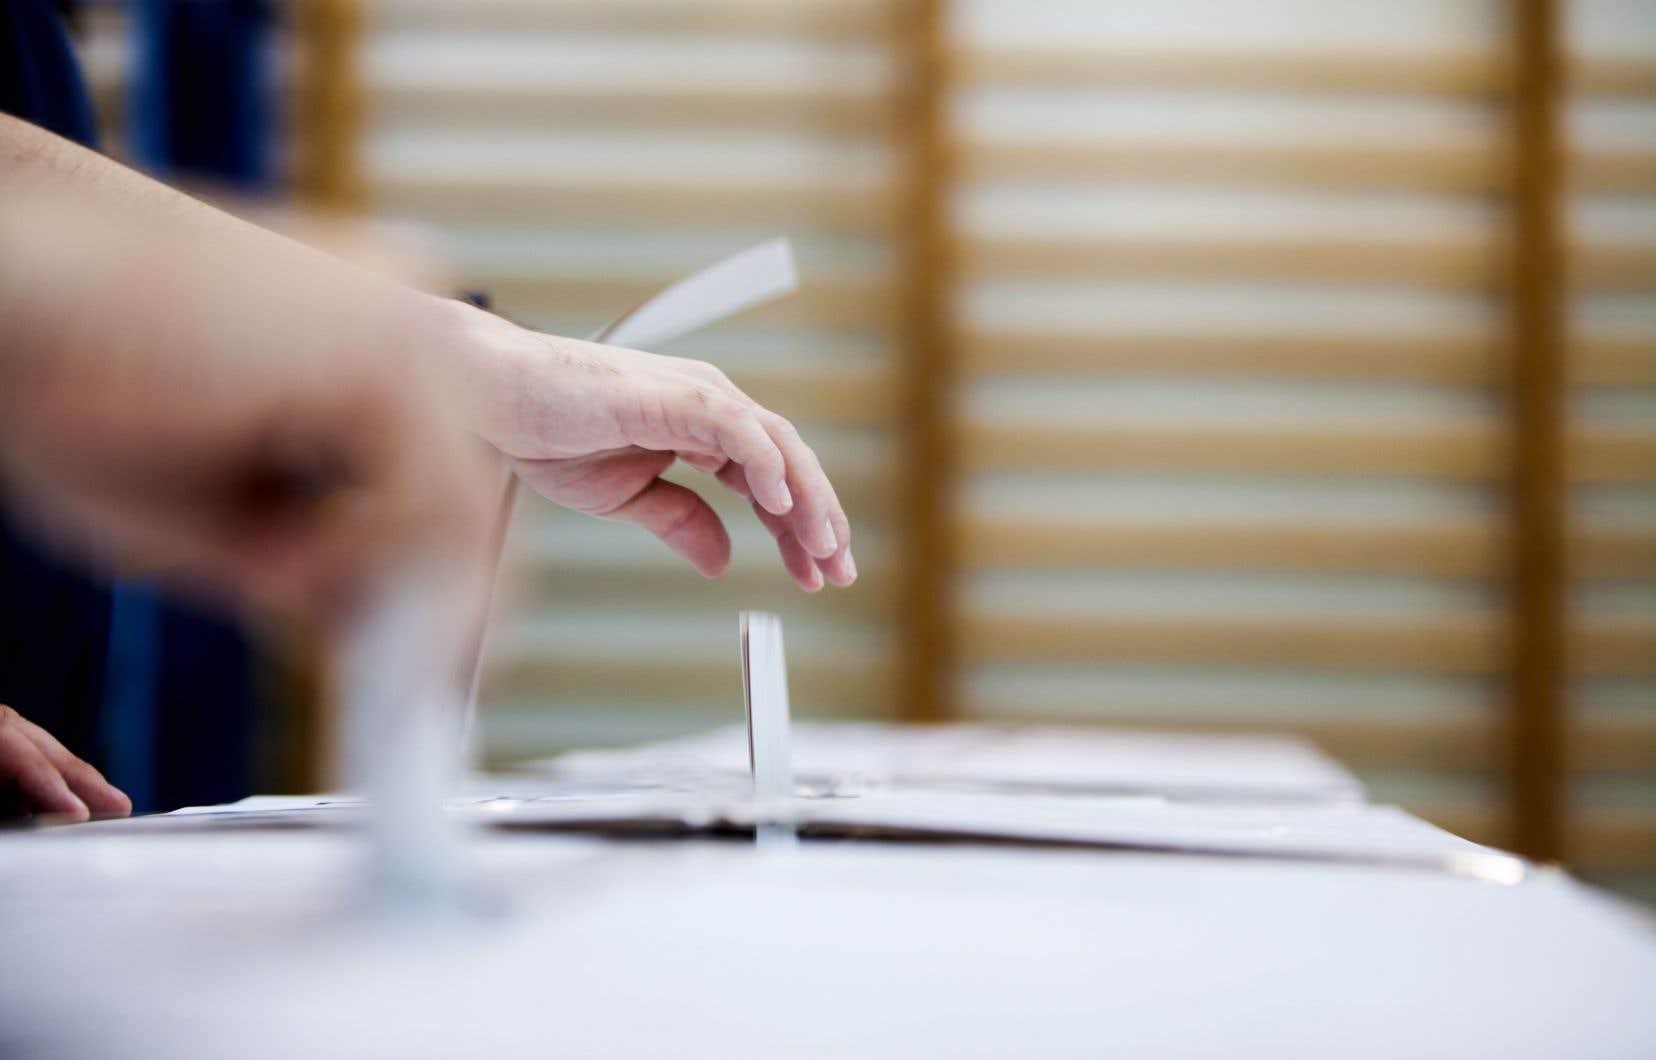 «Une fois adopté, un scrutin proportionnel est facile à modifier pour y insérer plus de proportionnalité», souligne l'auteur.